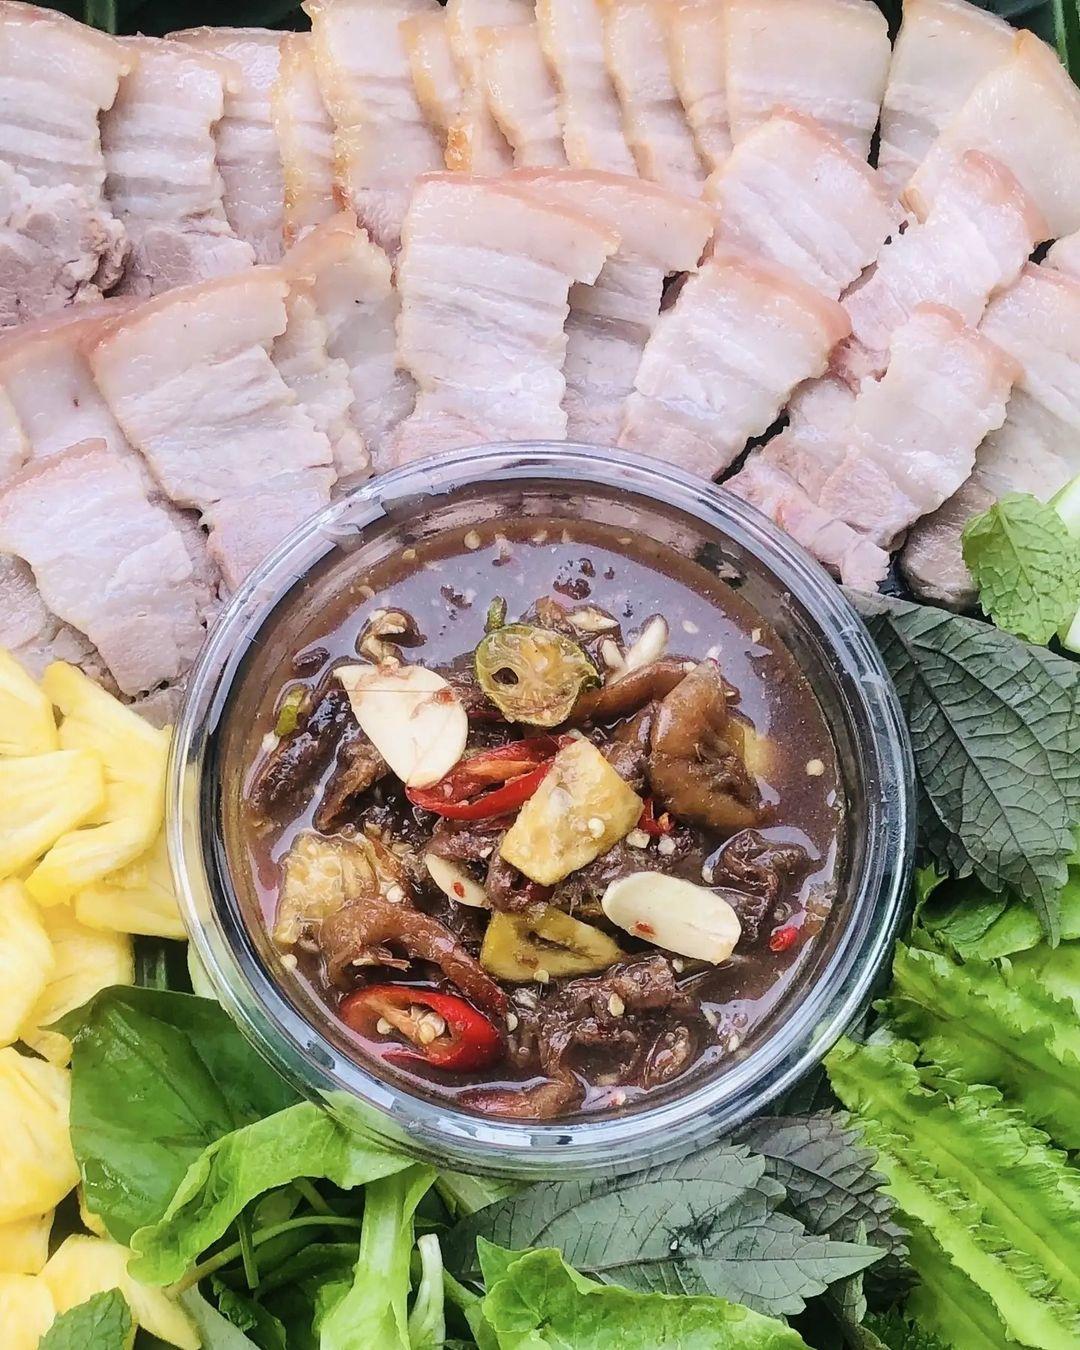 Mắm chua được làm từ các loại cá nhỏ, xương mềm, ngọt thịt như cá cơm, cá lòng tong, cá rễ tre. Cá được rửa sạch với nước muối, để ráo, ướp với muối hột rang giã nhuyễn, đường trắng cùng thính, tỏi, ớt, tiêu băm nhỏ, trộn đều cho thấm vào từng lớp cá và ủ. Sau nửa tháng, món mắm chua sẽ có vị nồng, thơm, đậm đà, ăn kèm cơm trắng và các loại rau sống như đậu rồng, chuối chát đều rất ngon.